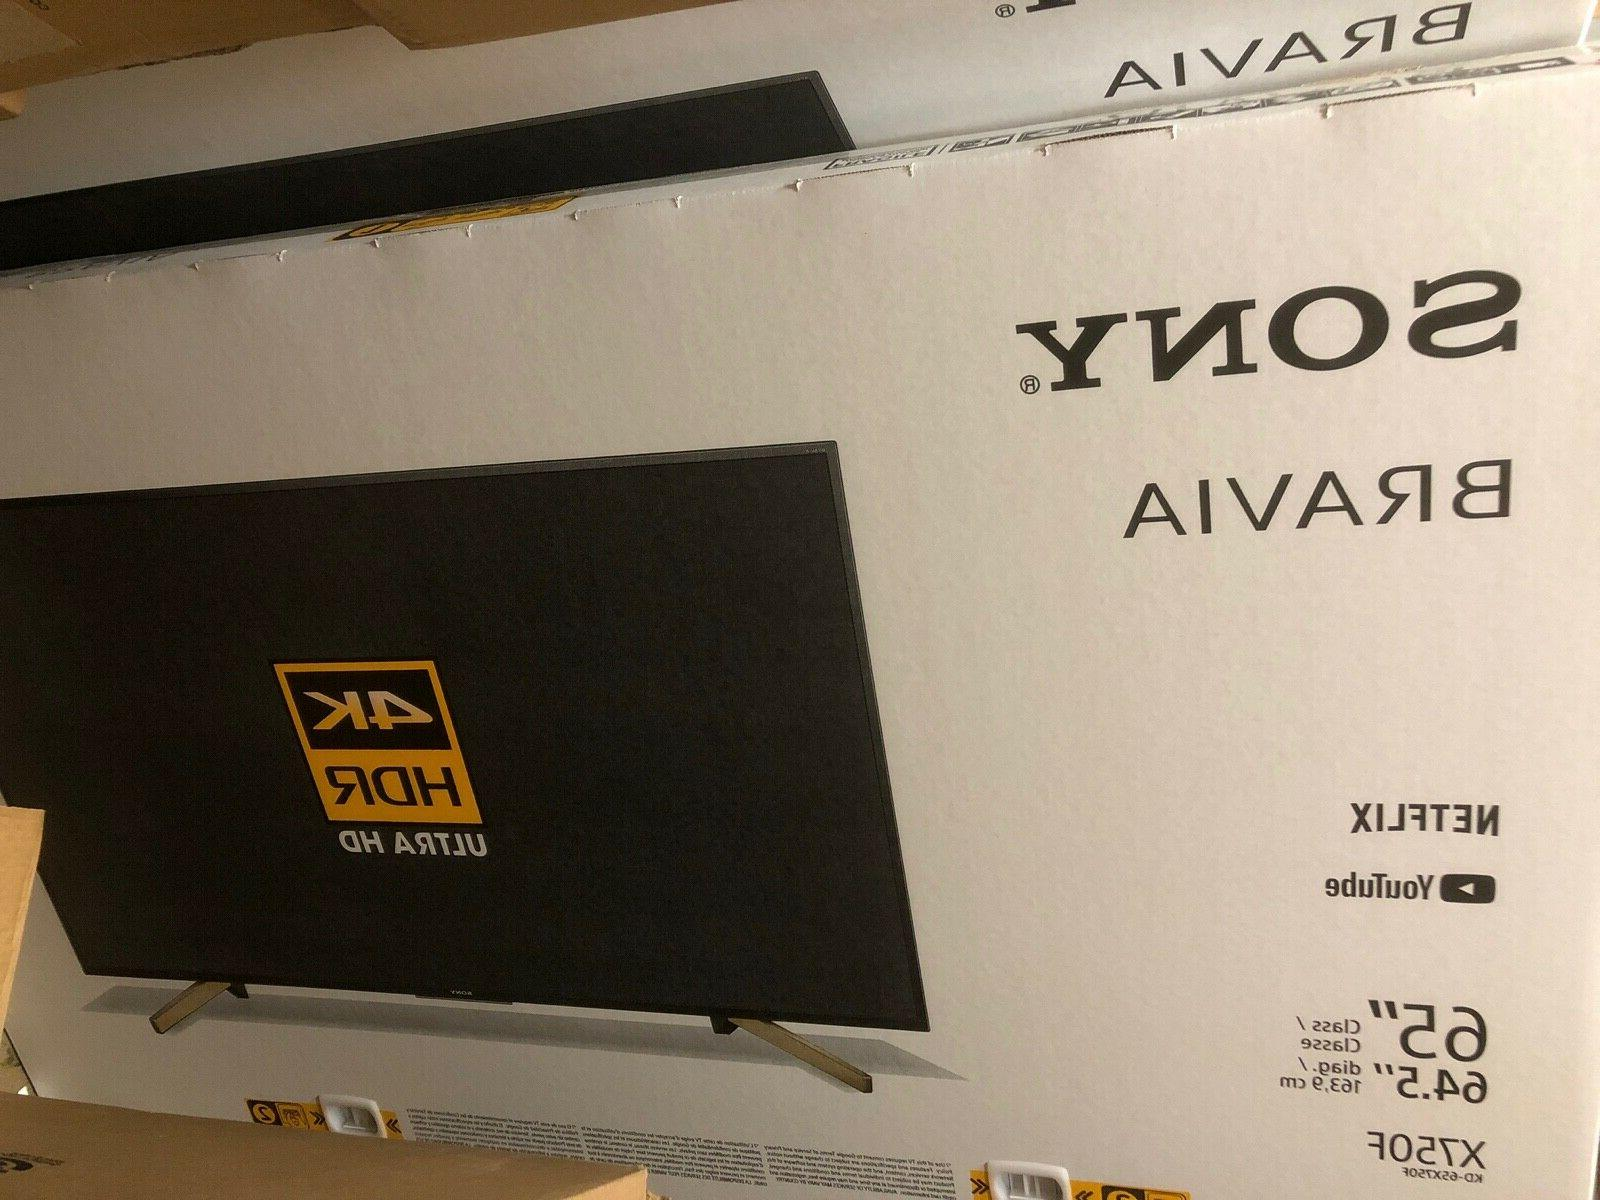 brand new kd65x750f 65 bravia ultra hd